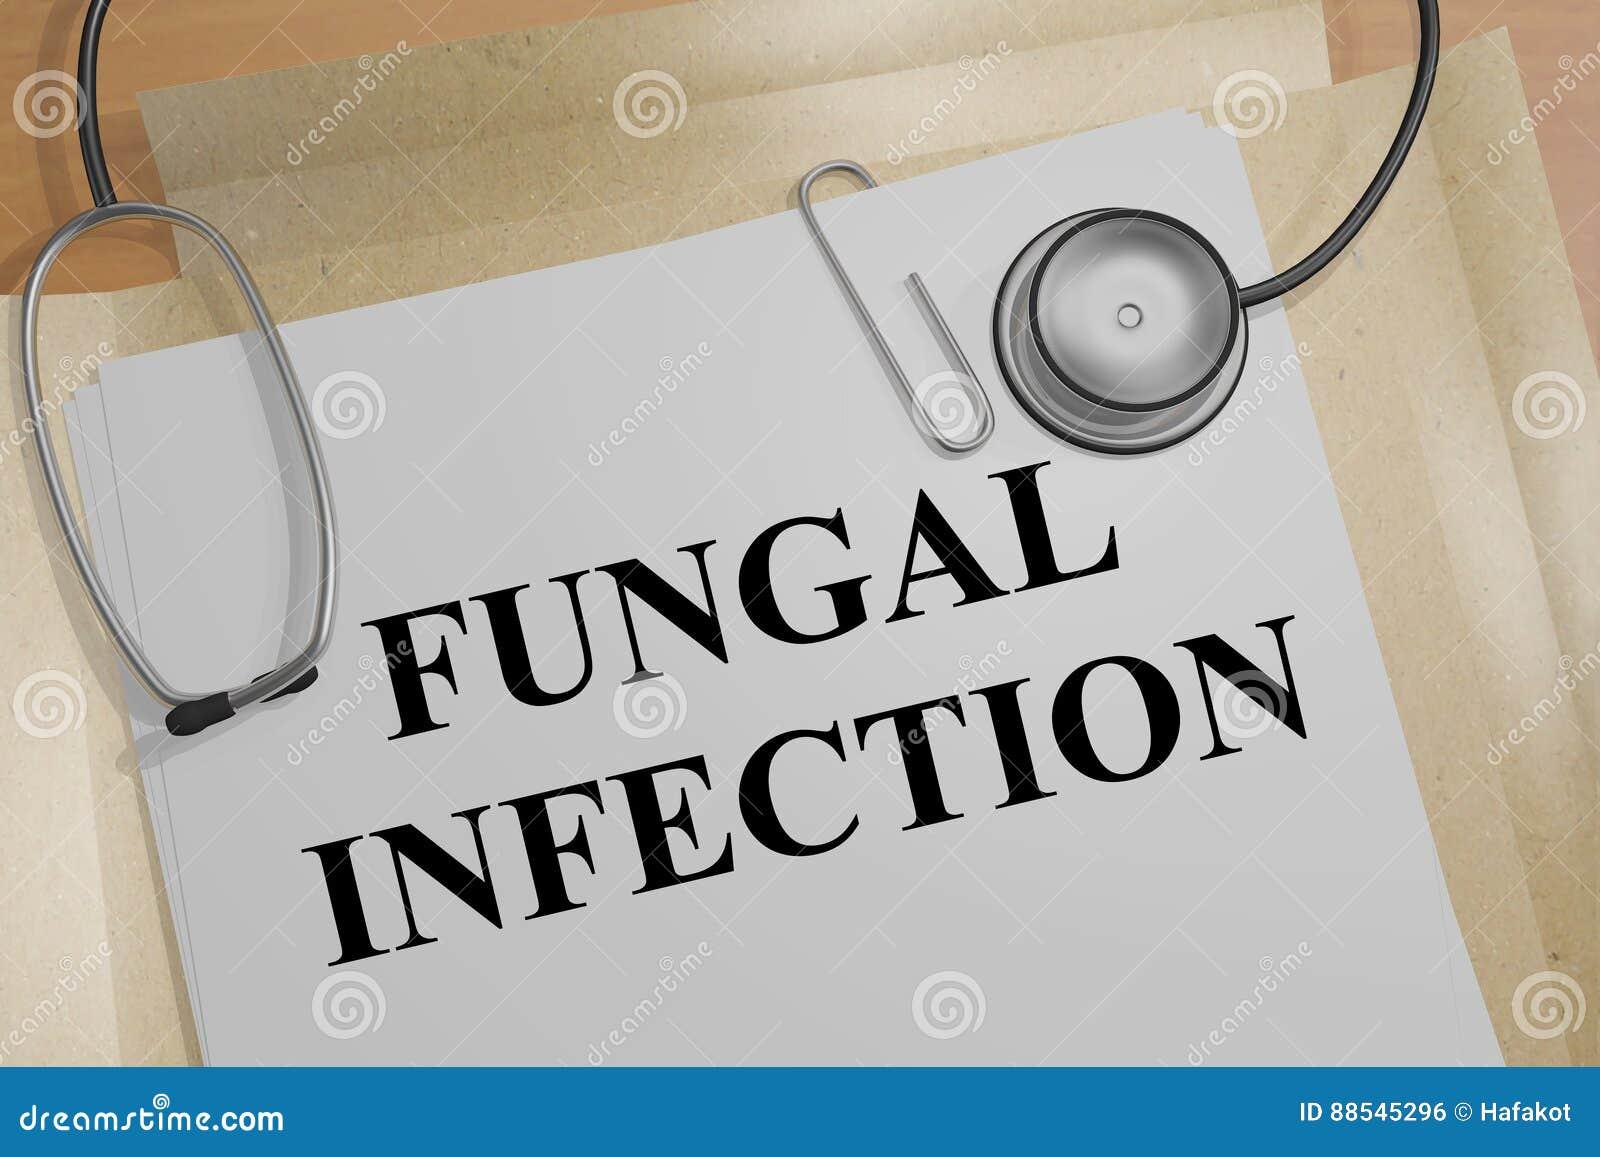 Fungal infekcja - medyczny pojęcie